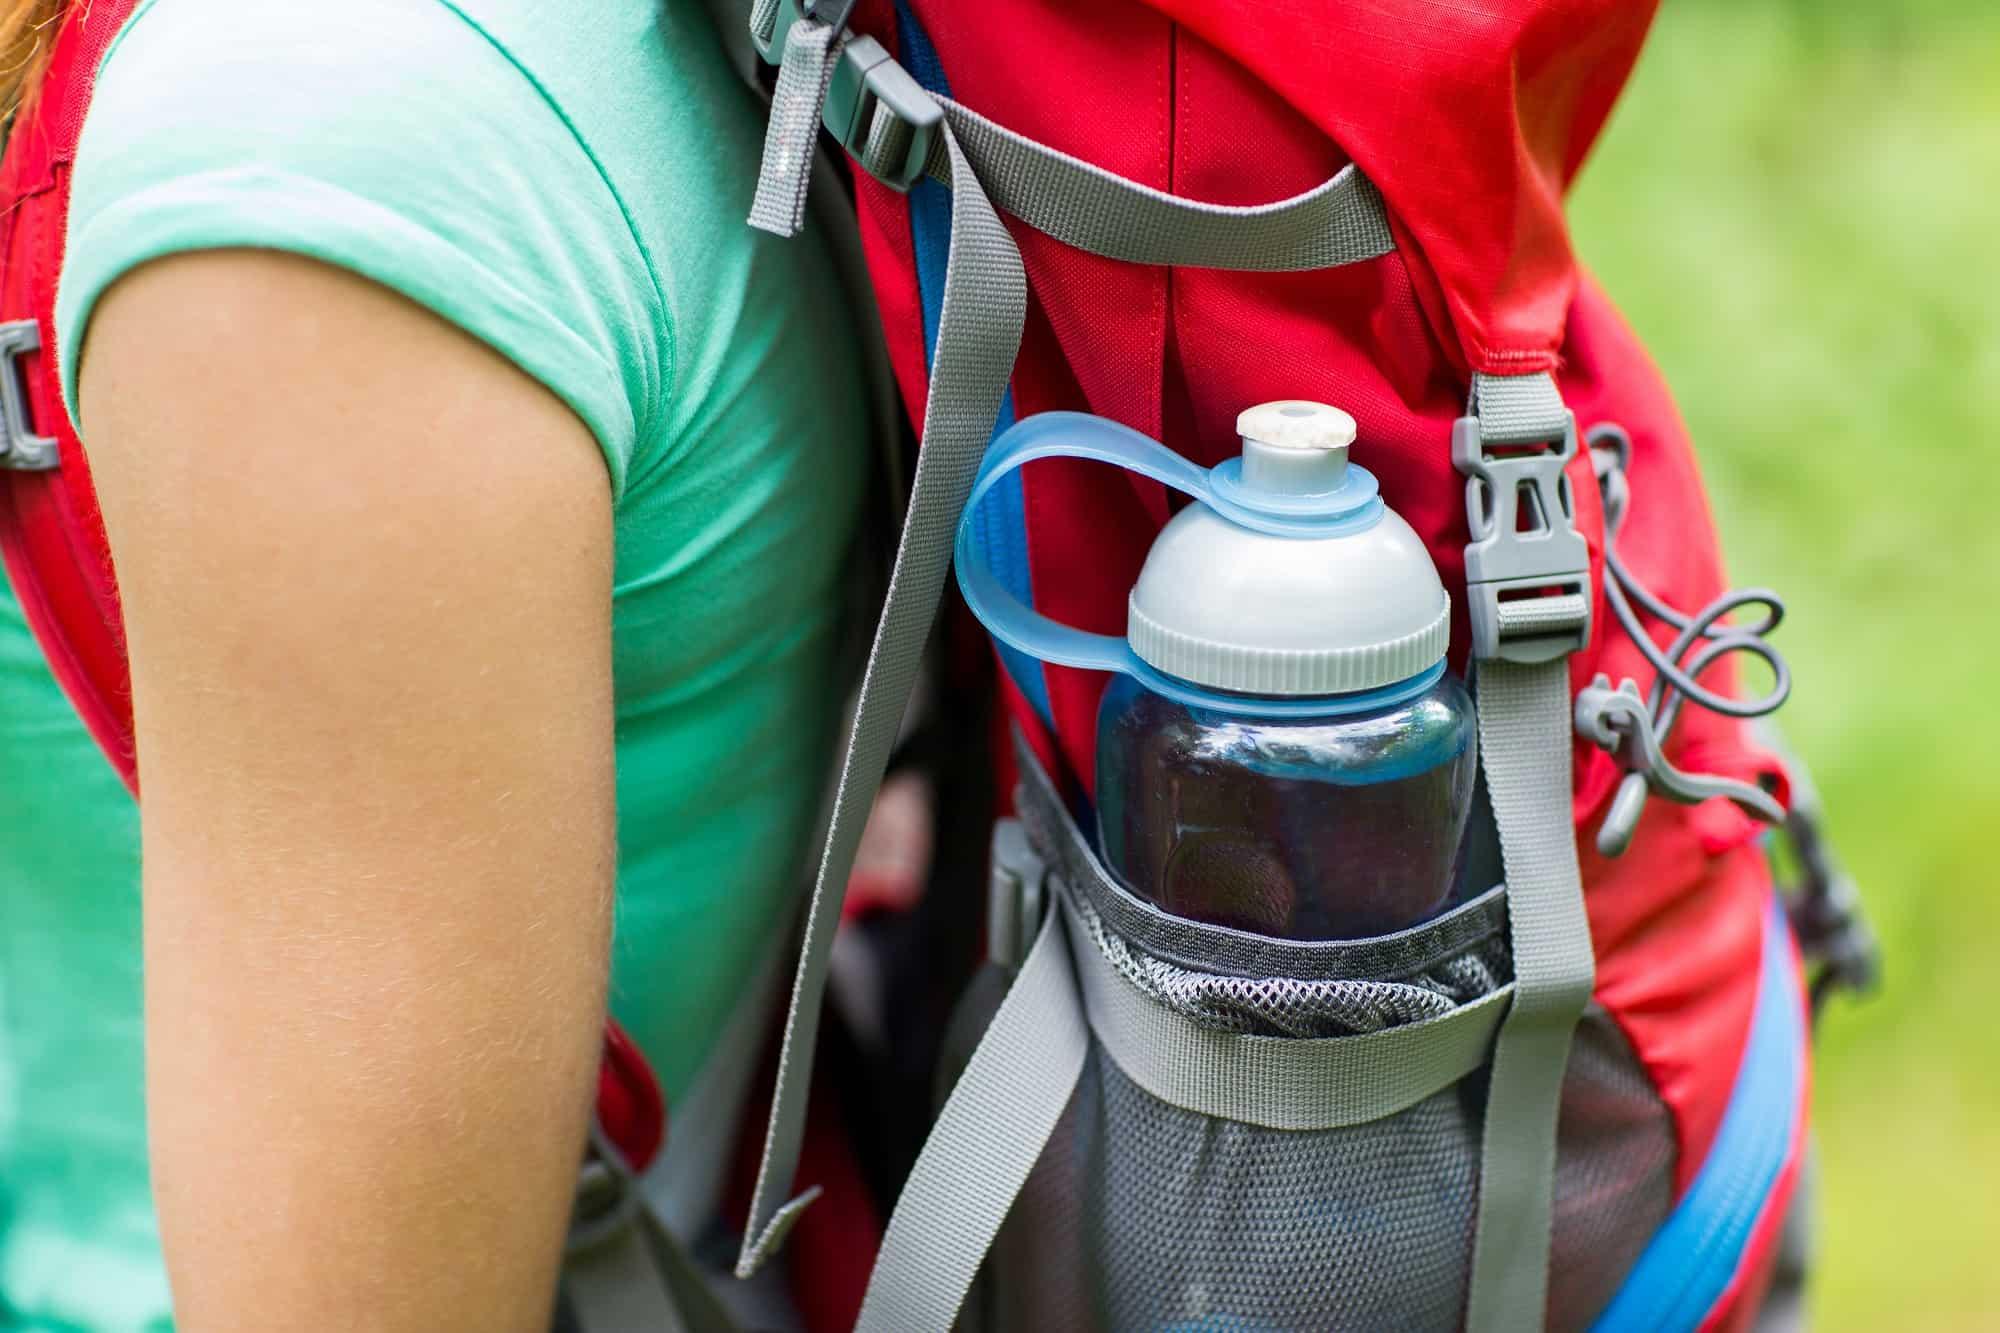 Trinkflasche Kohlensäure: Test & Empfehlungen (11/20)